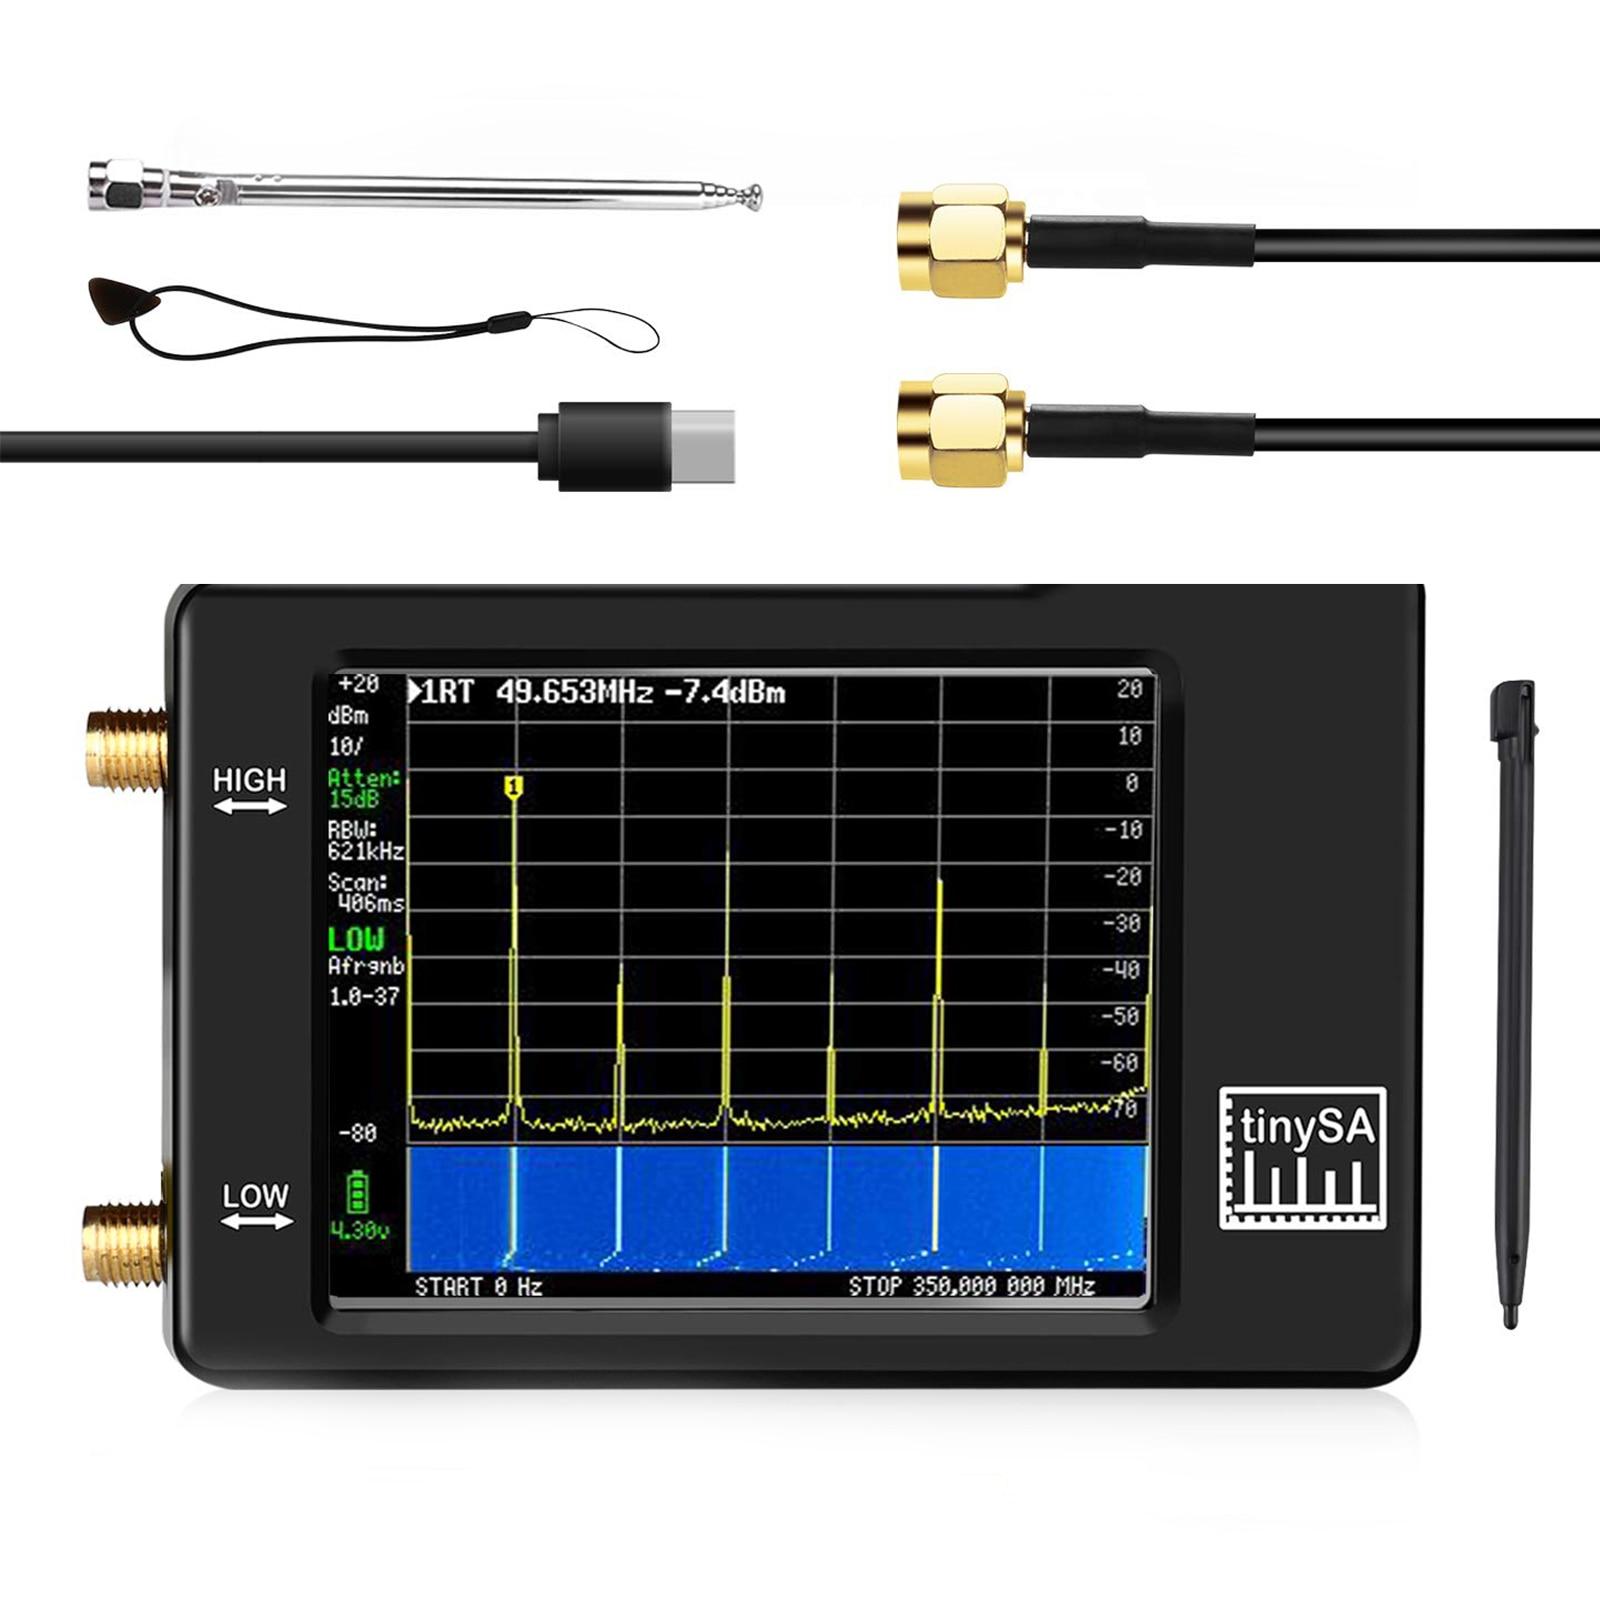 Портативный анализатор спектра TinySA, ручной миниатюрный анализатор частоты от 100 кГц до 960 МГц, вход MF/HF/VHF UHF, генератор сигналов